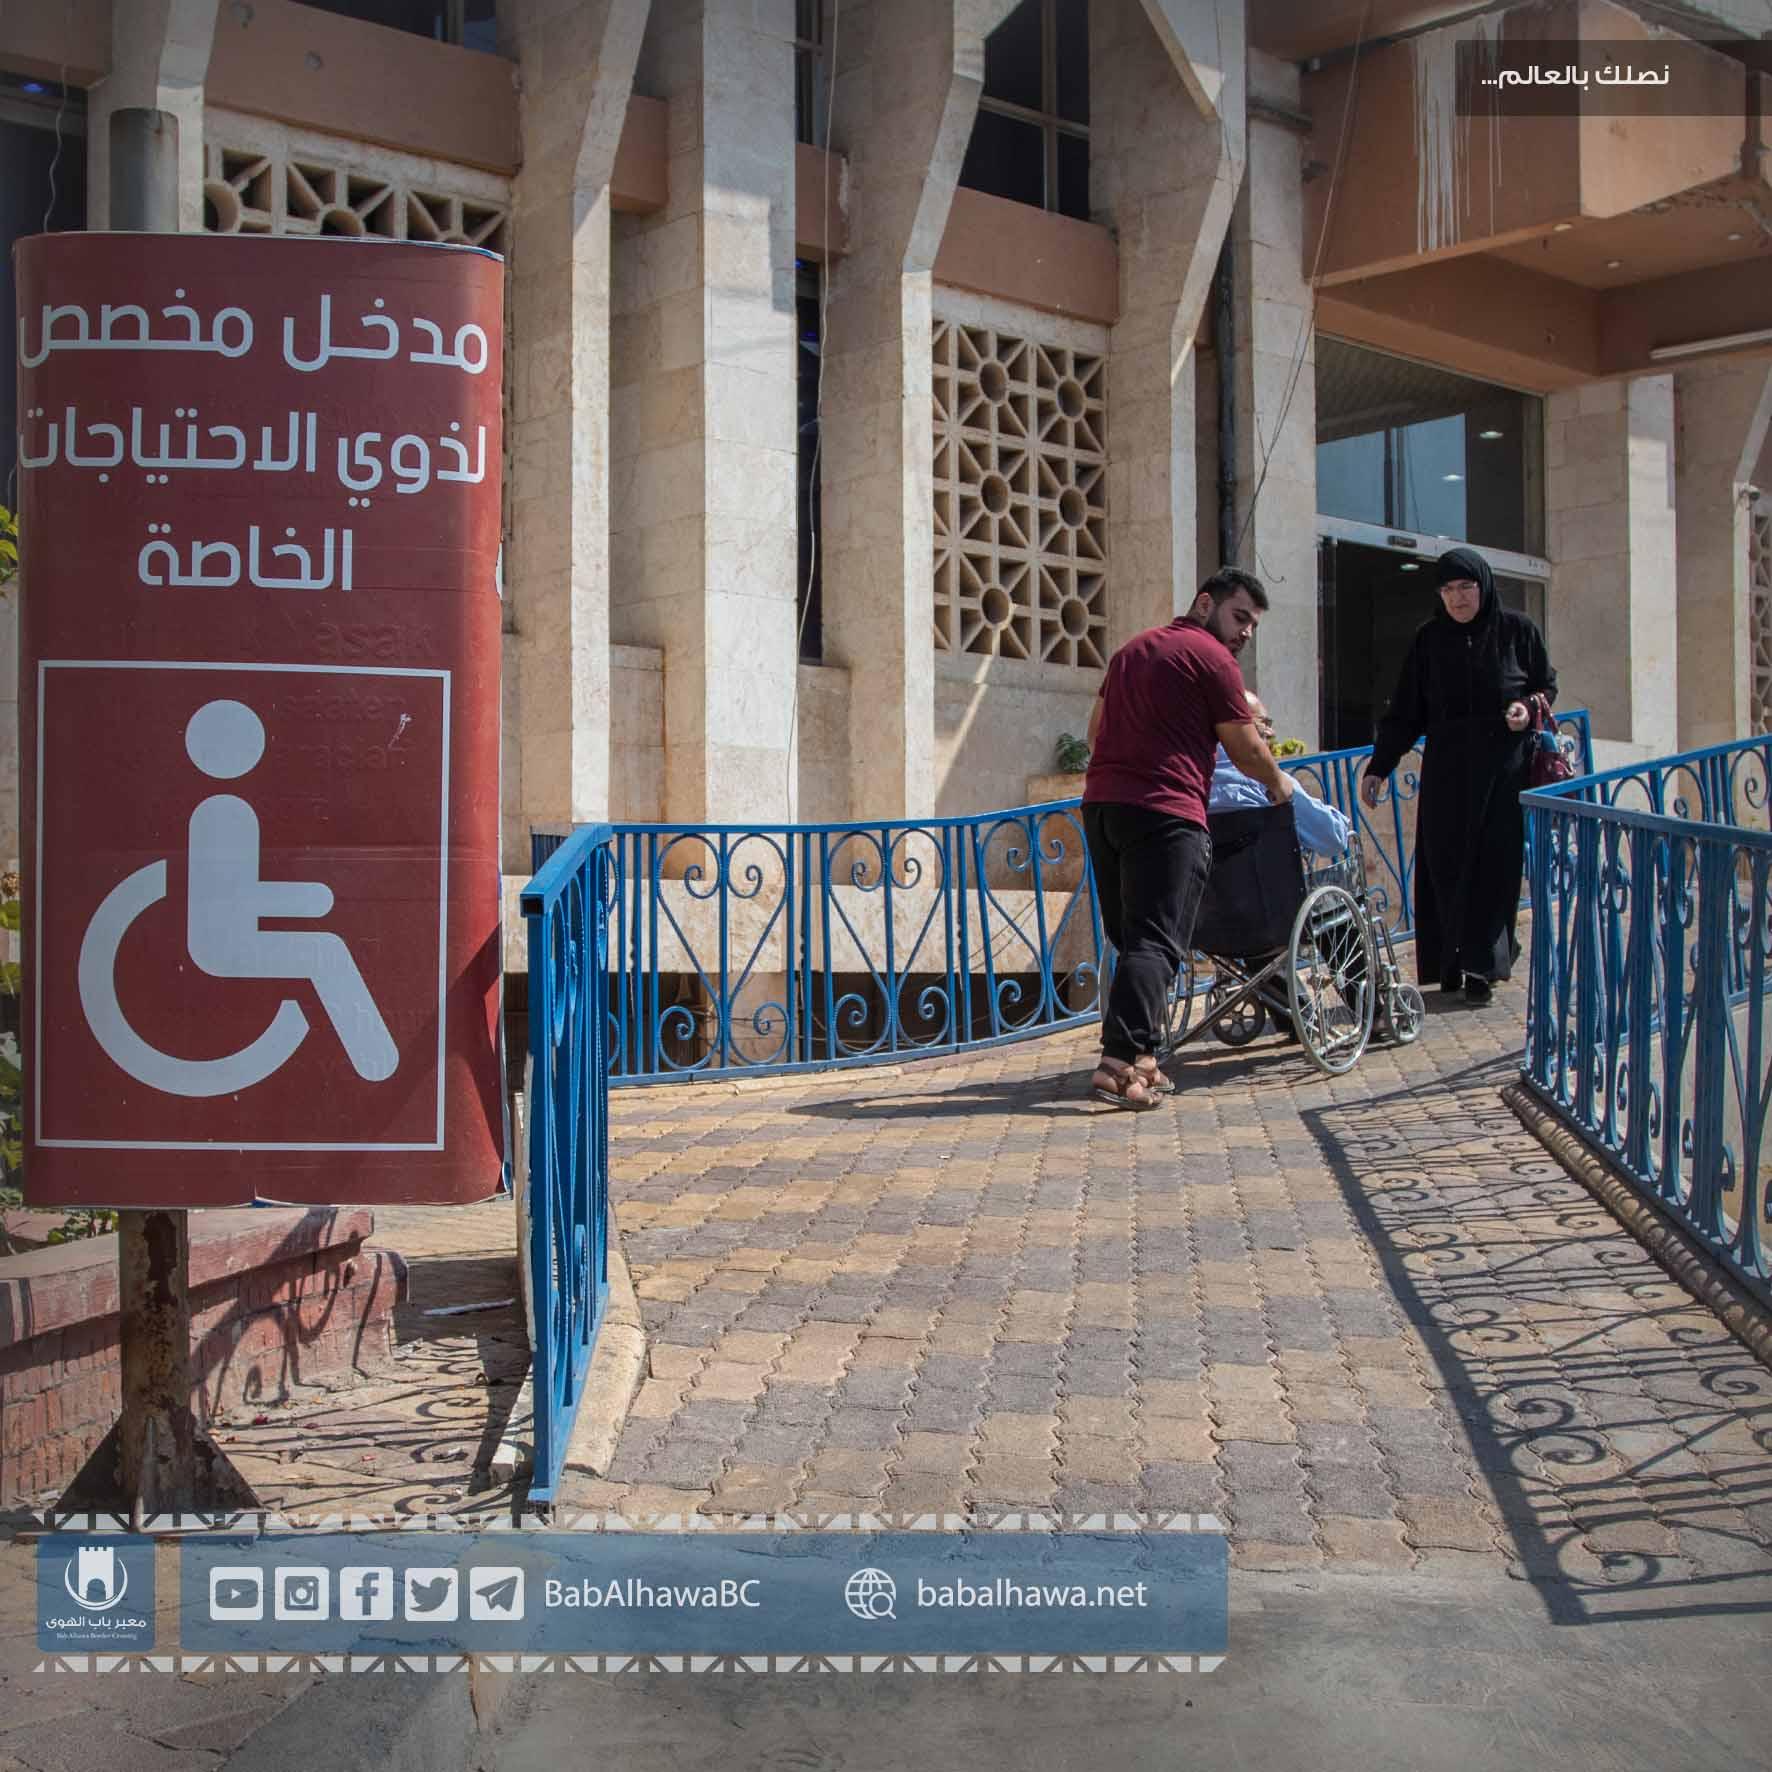 معبر باب الهوى - مدخل مخصص لذوي الاحتياجات الخاصة